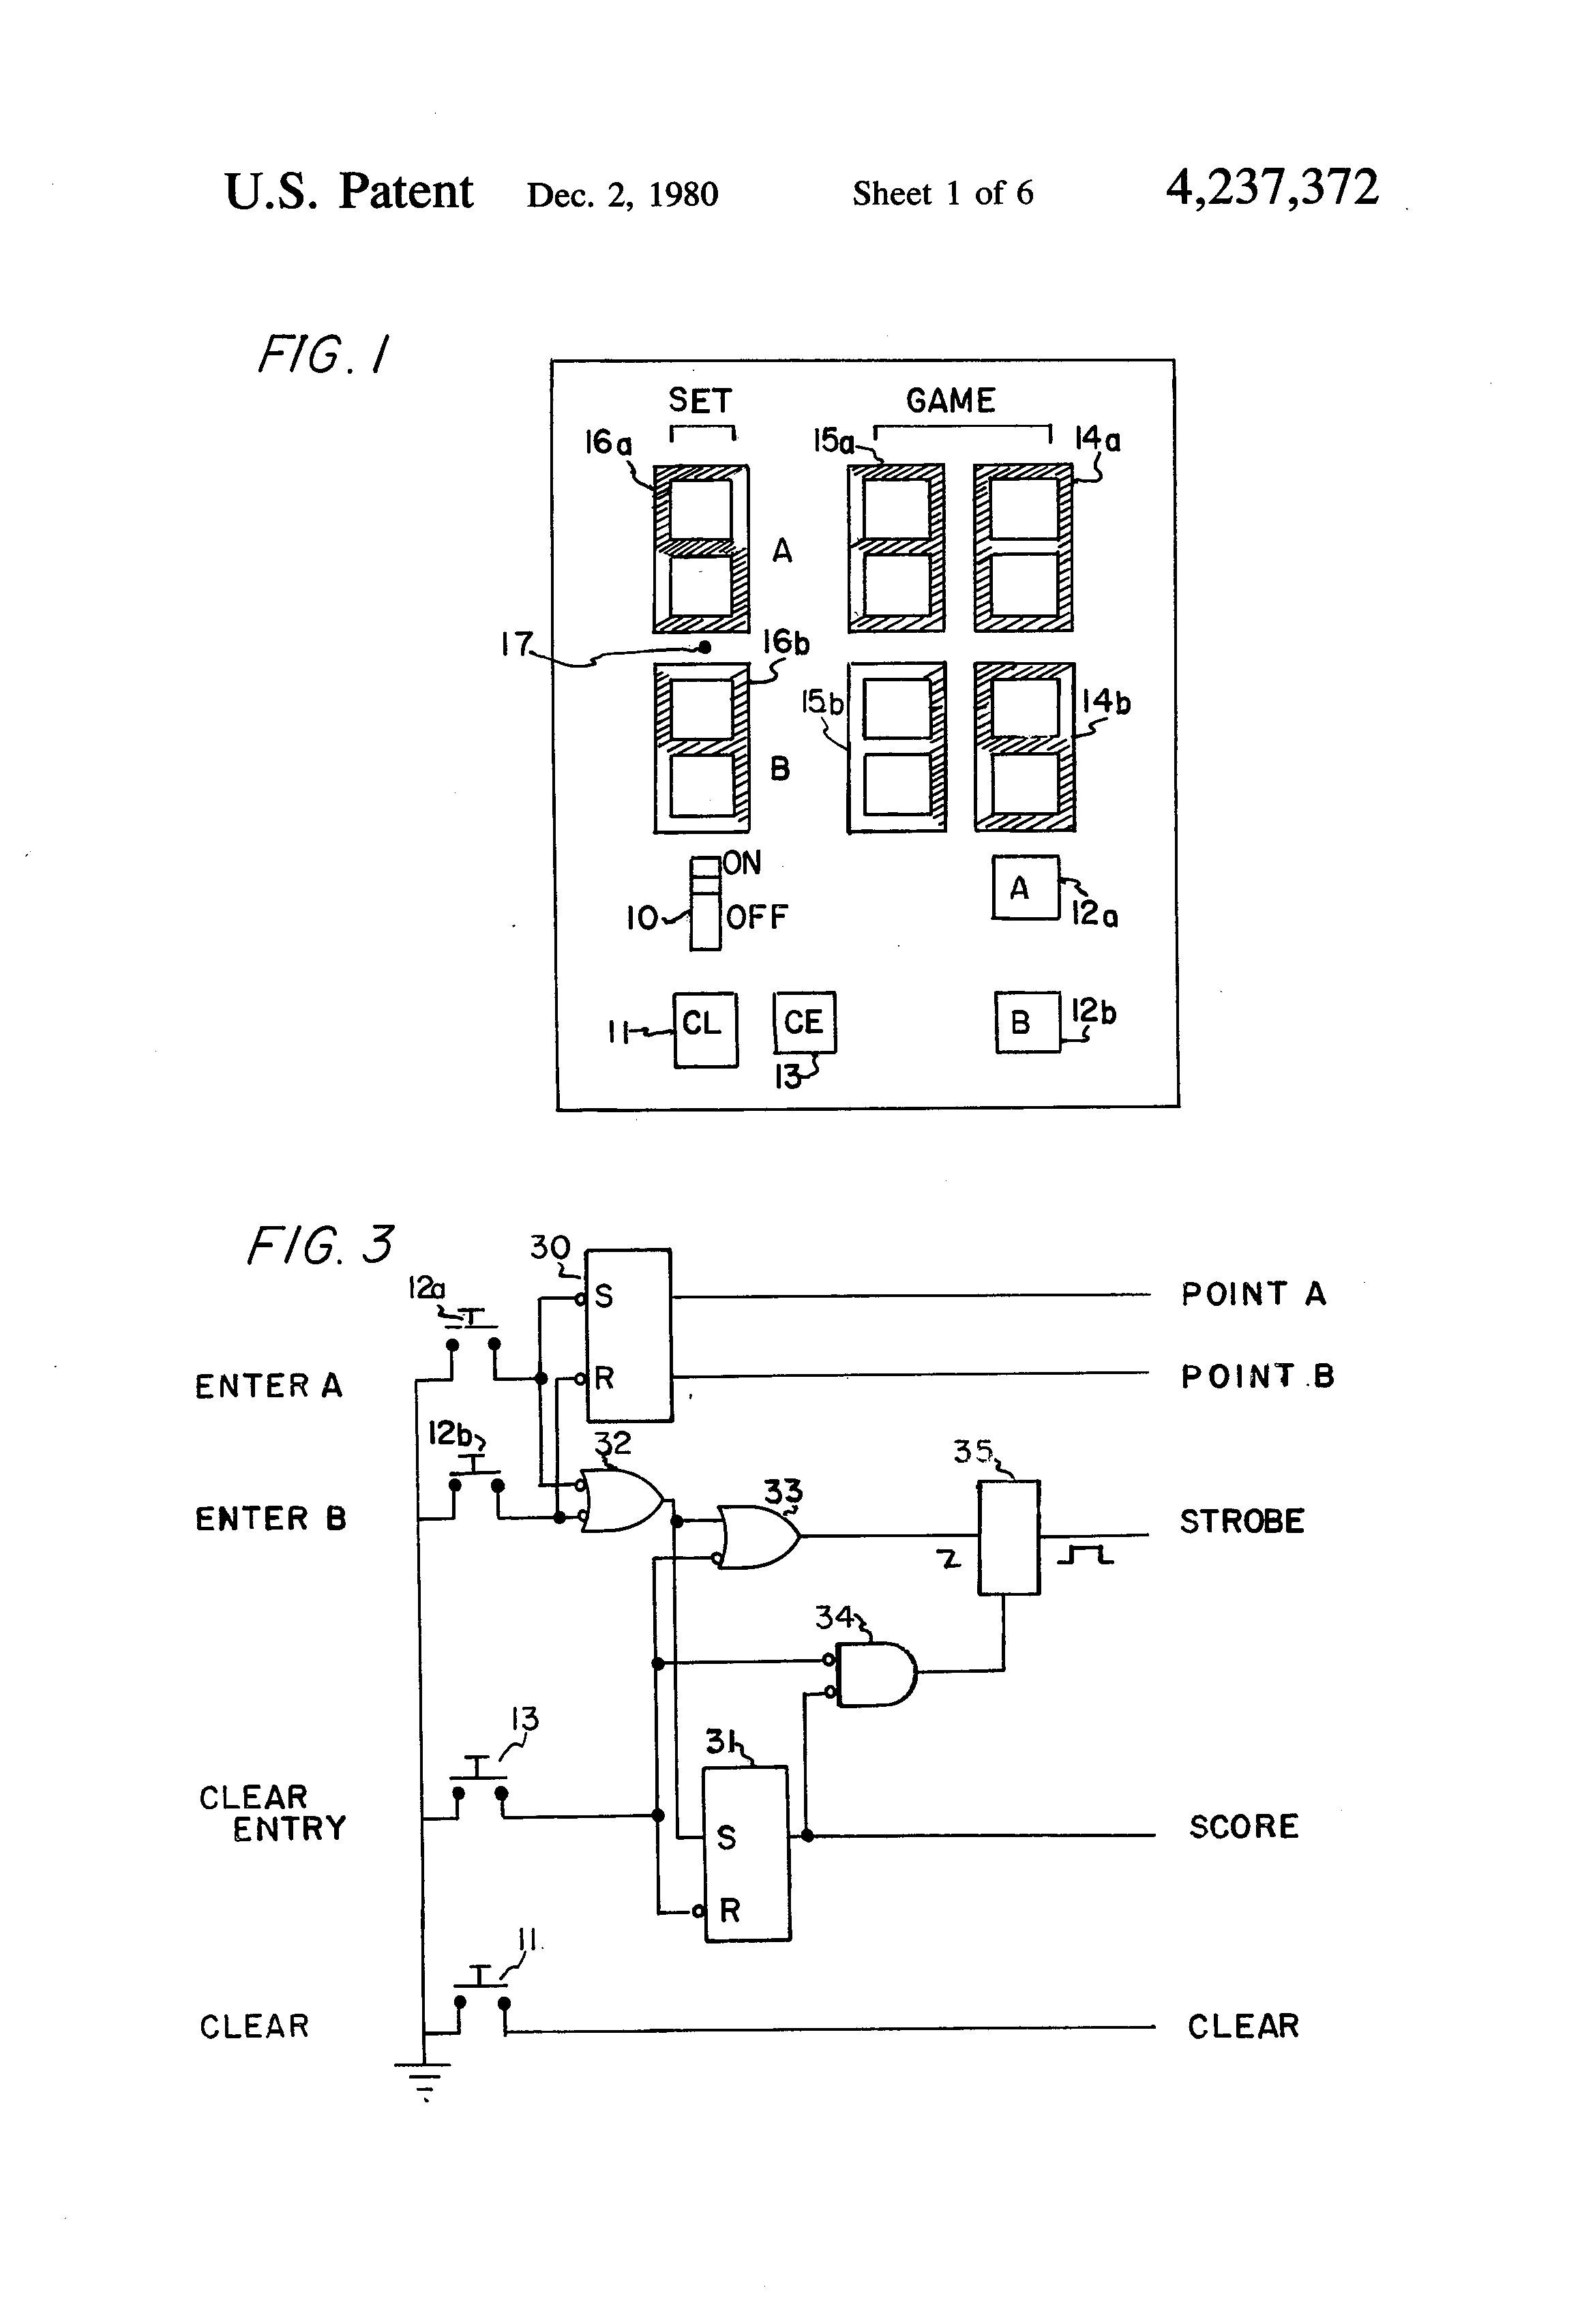 ponent Circuit Diagram Logic Gates Xor Gate Patent Us Scorekeeping Device For Tennis And Similar